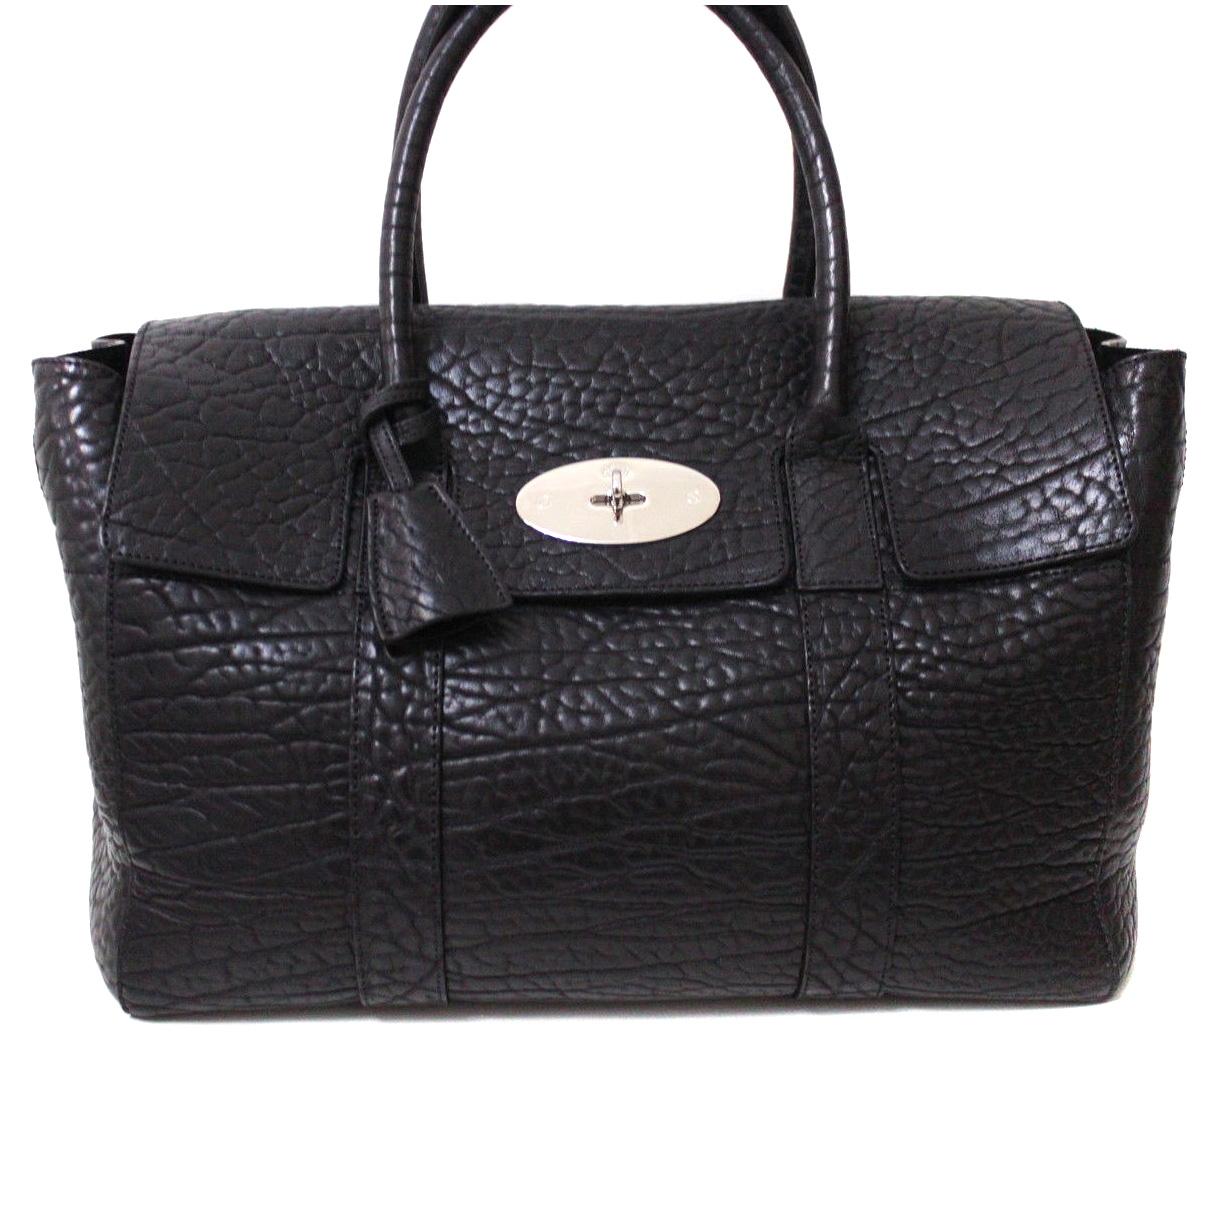 ... get mulberry bayswater buckle in shrunken calf leather hewi london  f3f7e 986da 744ec49c593c0